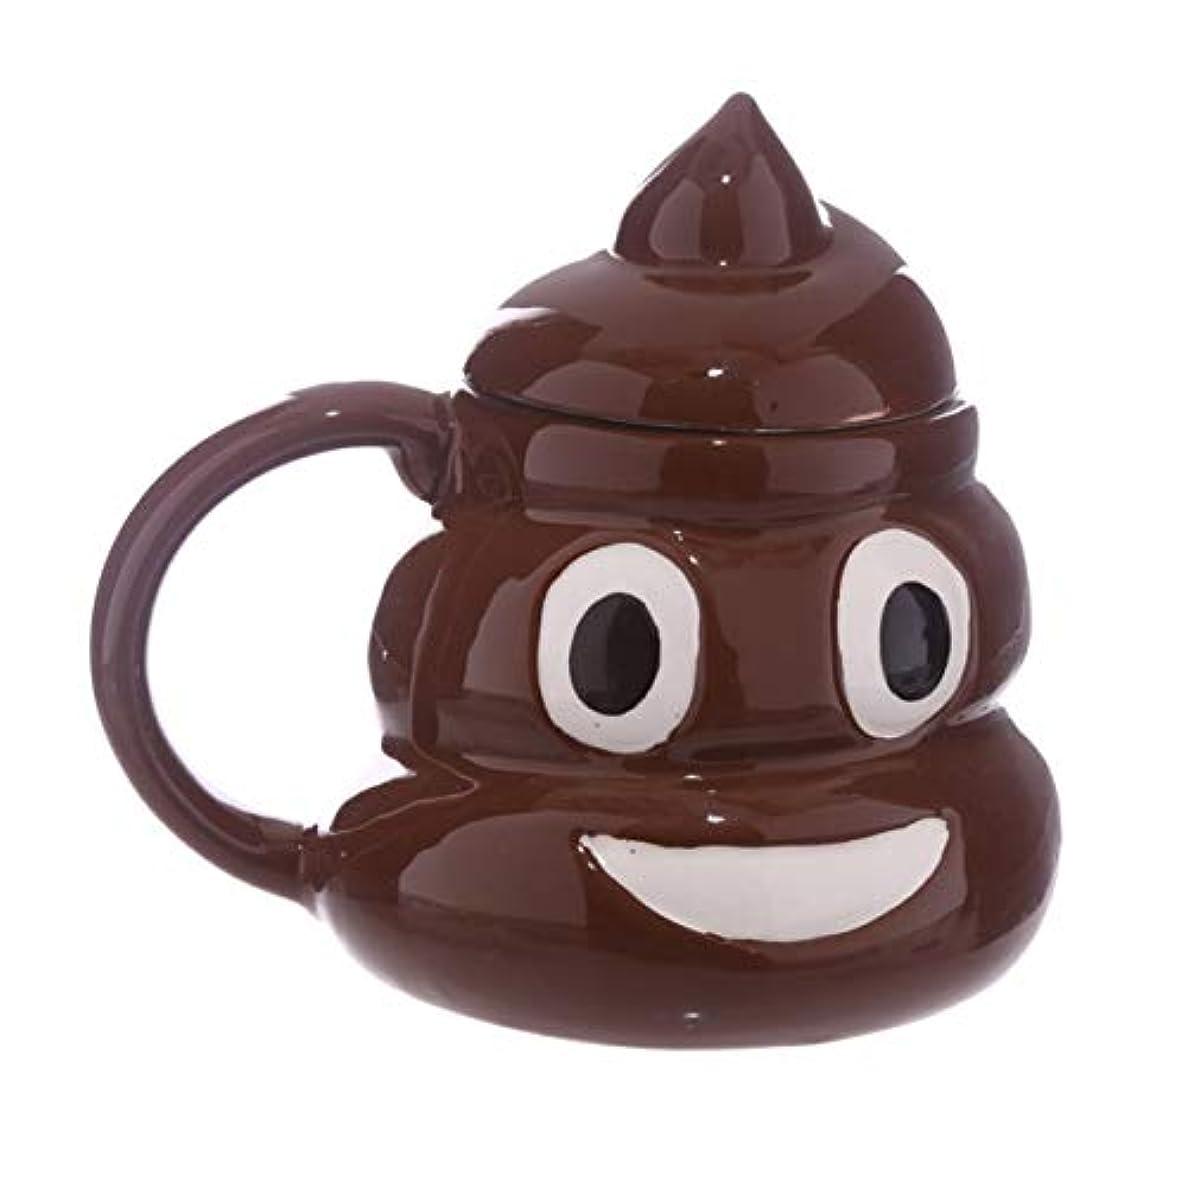 ツイン呼ぶテメリティSaikogoods 3Dおかしい絵文字マグ特殊セラミックコーヒーカップかわいいティーカップ磁器カップノベルティミルクマグフレンズファミリーギフト 褐色